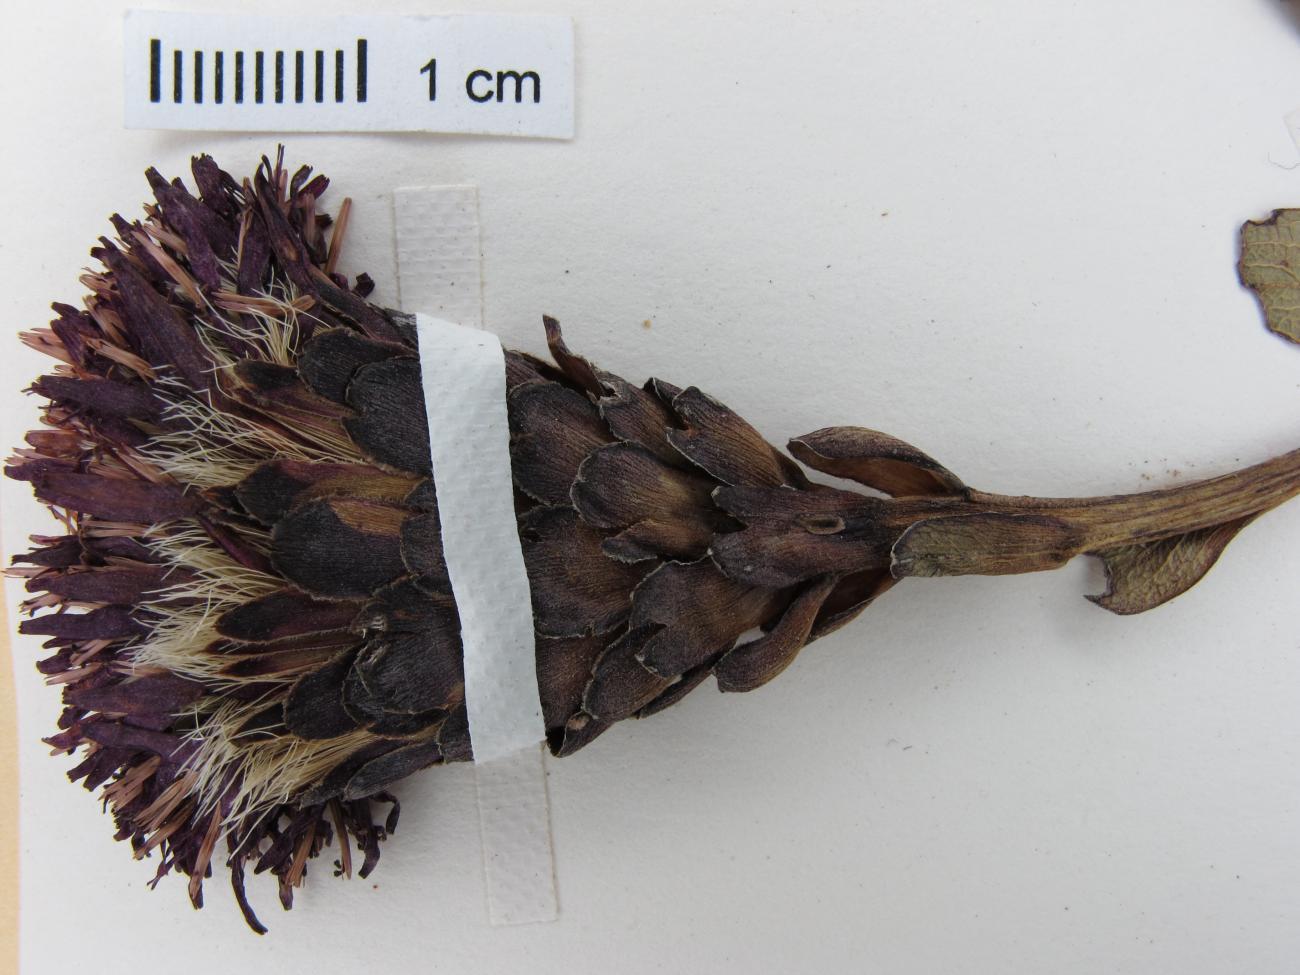 Acourtia wislizeni image